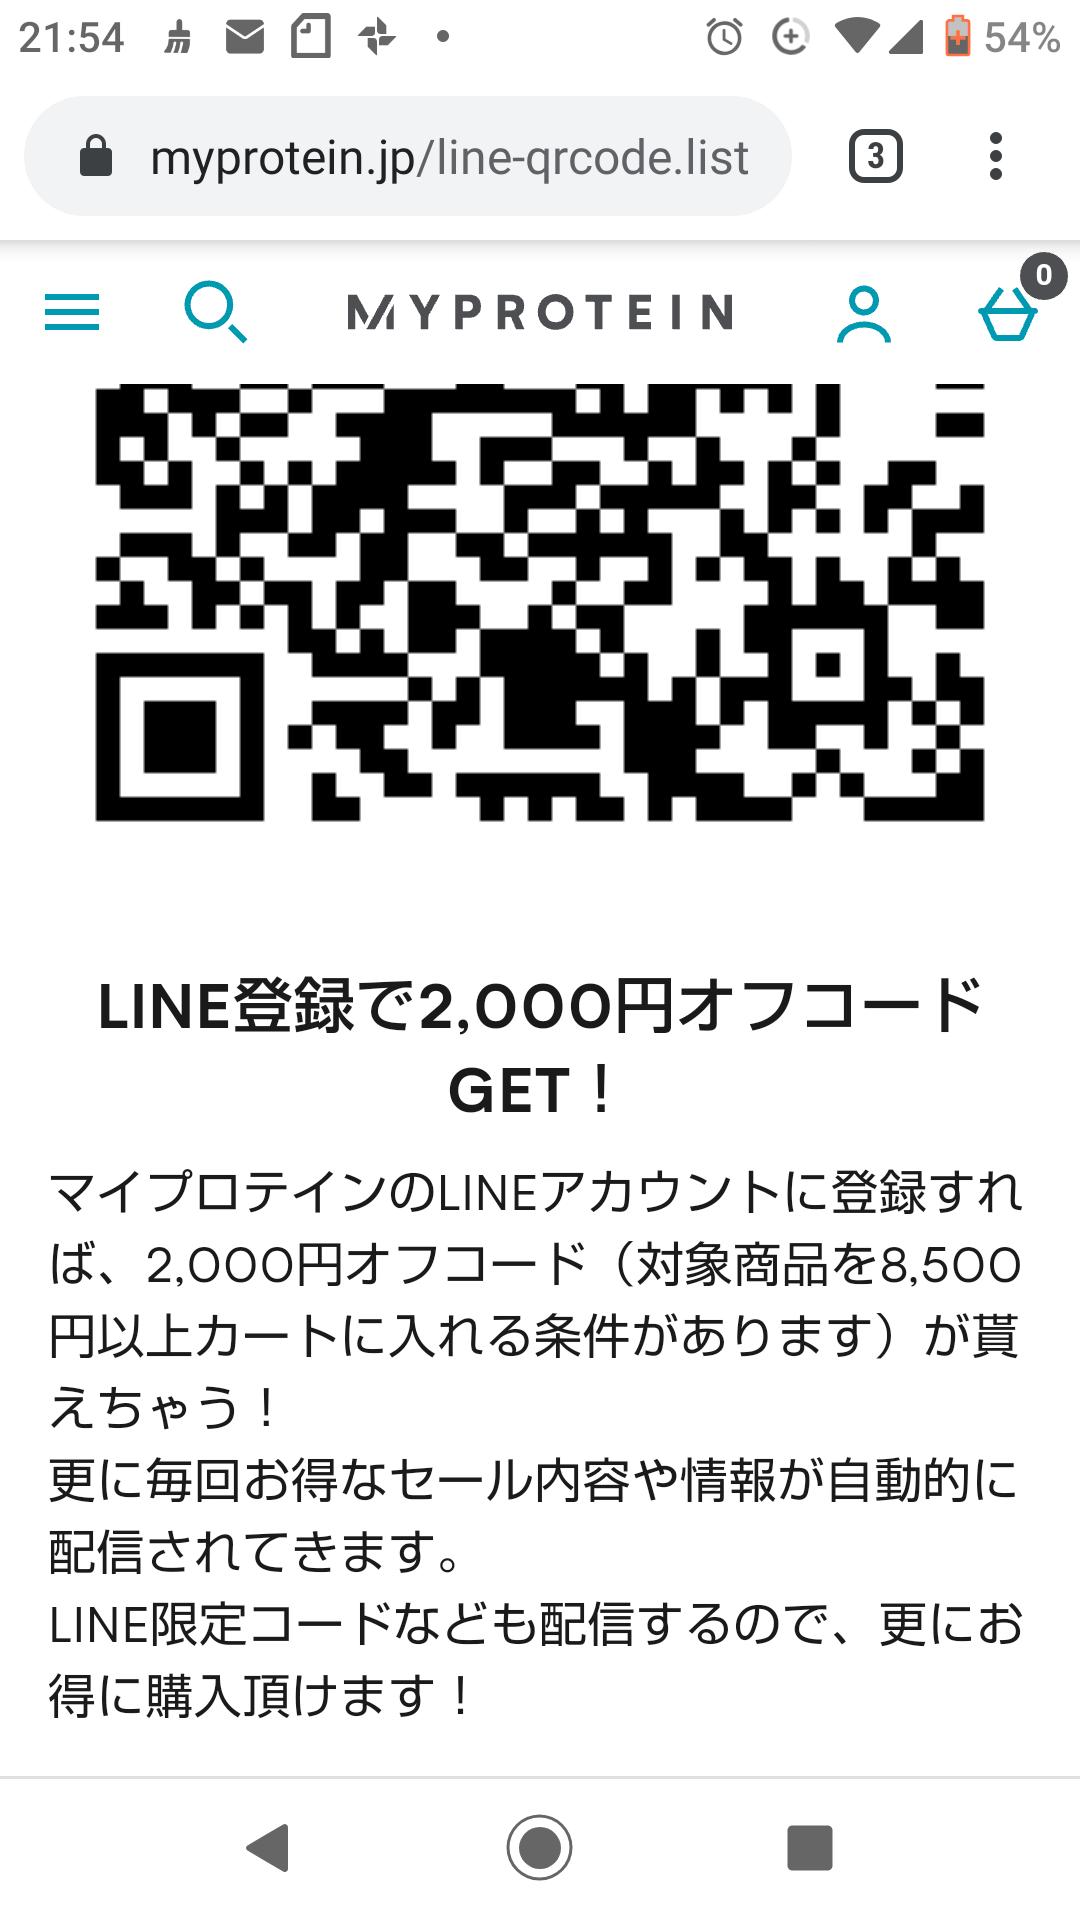 LINEの2000円オフコードお知らせ